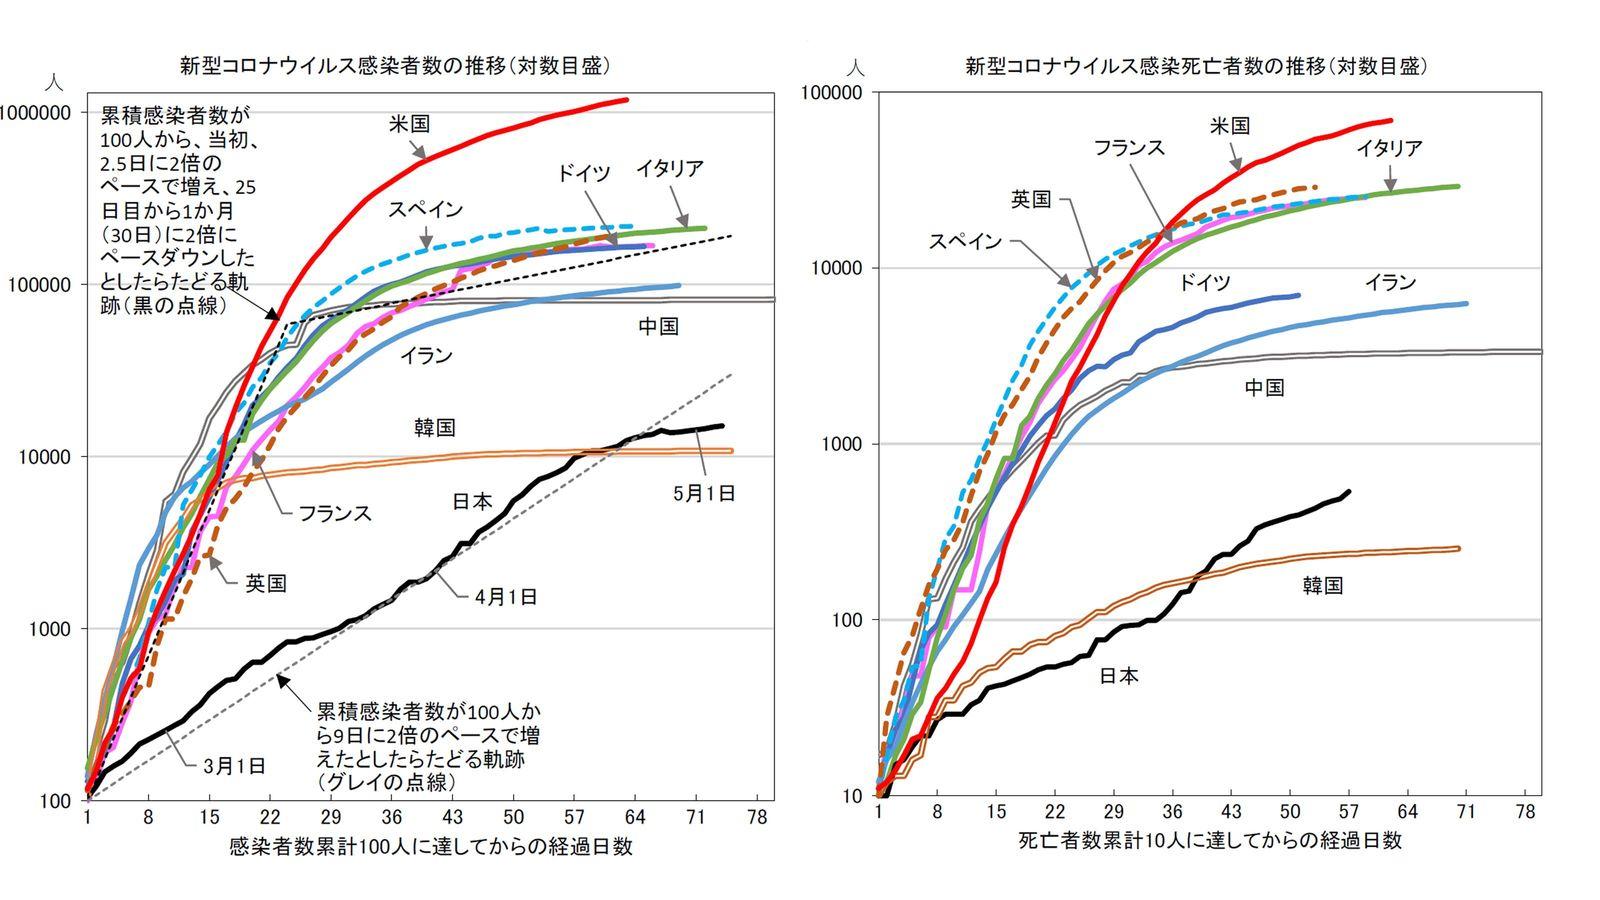 世界中で日本だけ「コロナ感染のグラフがおかしい」という不気味 絶対的な死者数は少ないのだが…